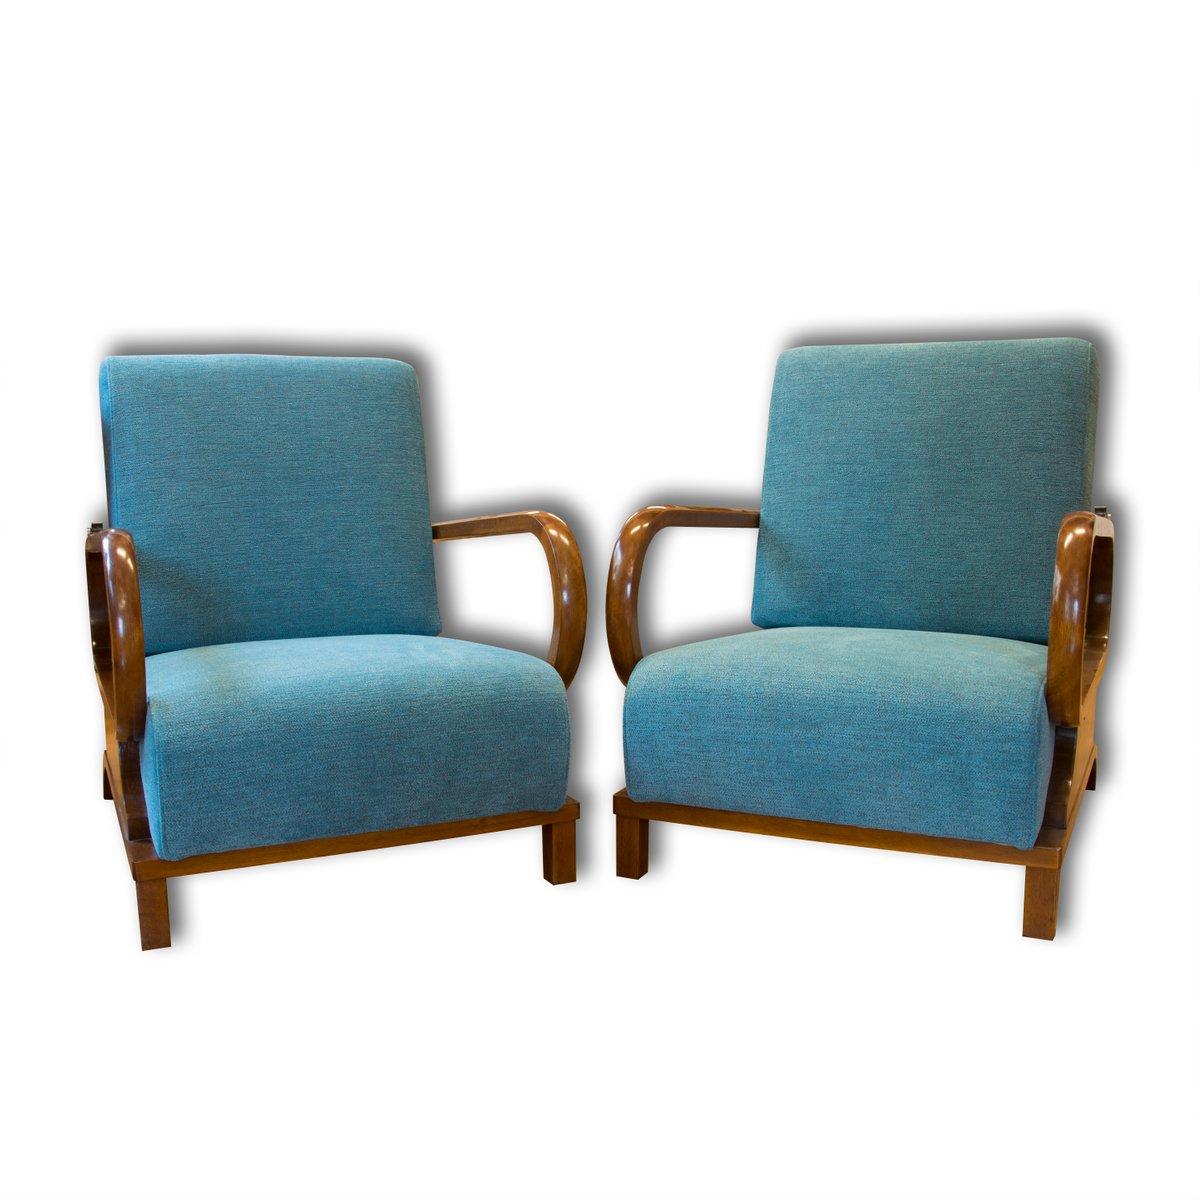 fauteuils ajustables art d co 1930s set de 2 en vente sur pamono. Black Bedroom Furniture Sets. Home Design Ideas